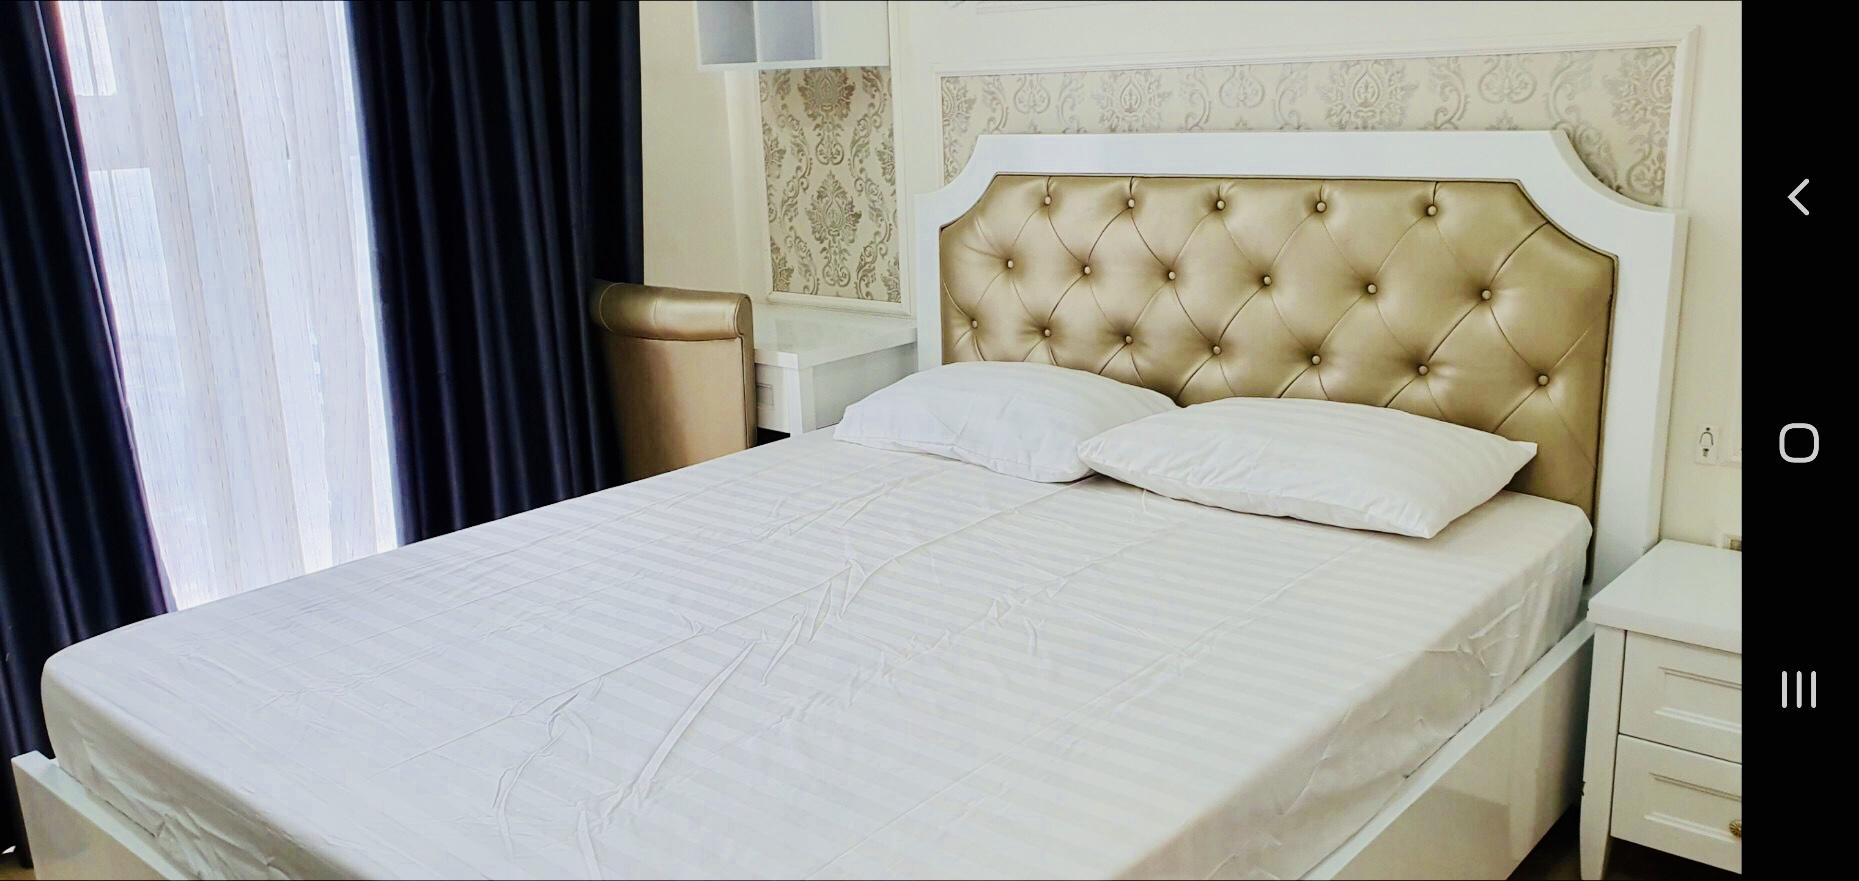 Căn hộ Millennium Q4 2phòng ngủ 2 tolet full nội thất bán chỉ 5ty3 diện tích 74m2 .Liên hệ :0908.651.233